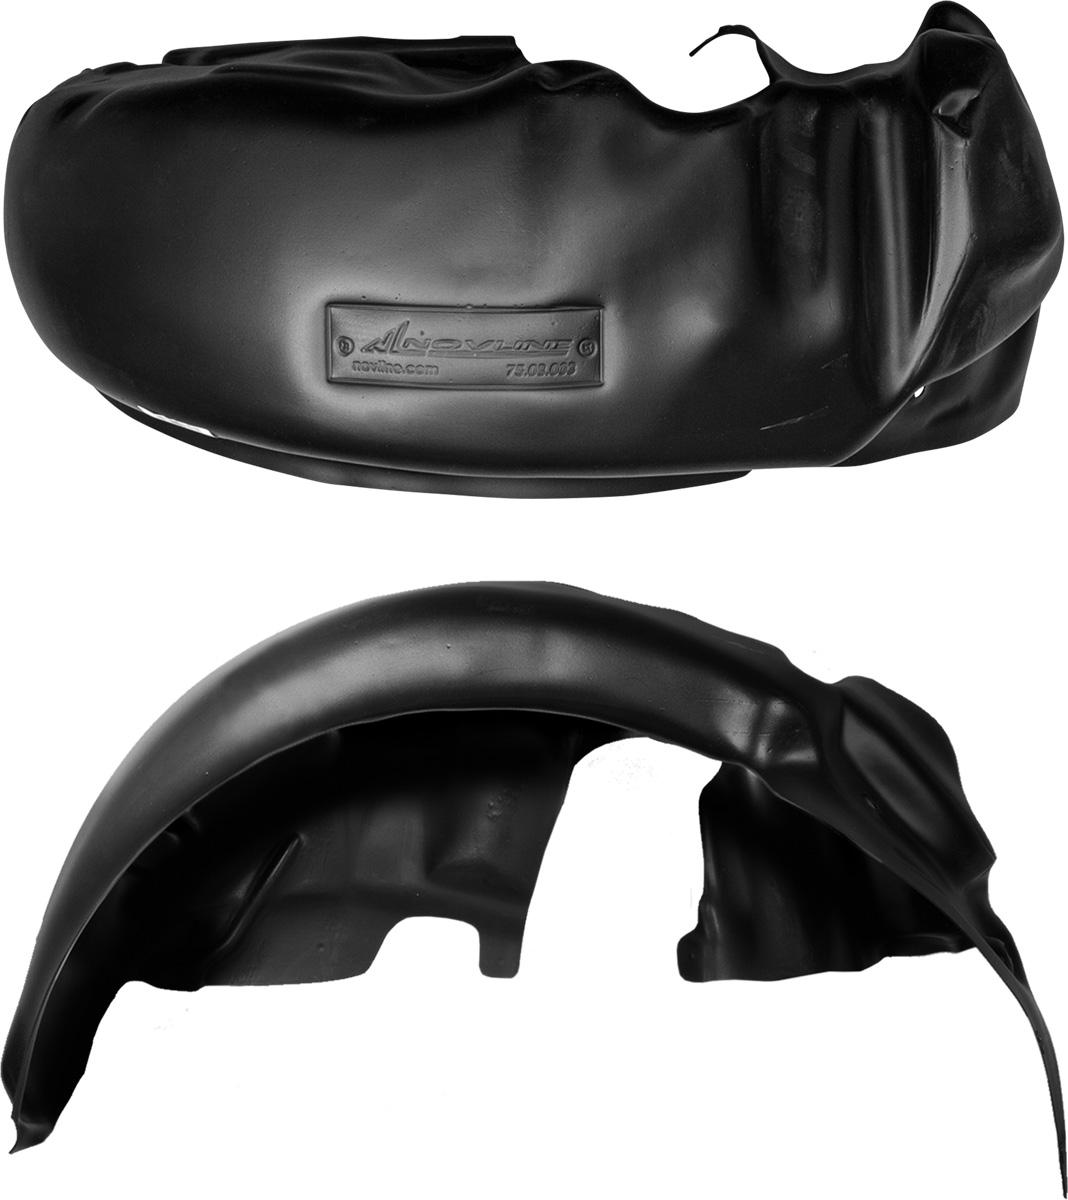 Подкрылок FIAT Ducato, 2012->, передний левыйCA-3505Колесные ниши – одни из самых уязвимых зон днища вашего автомобиля. Они постоянно подвергаются воздействию со стороны дороги. Лучшая, почти абсолютная защита для них - специально отформованные пластиковые кожухи, которые называются подкрылками, или локерами. Производятся они как для отечественных моделей автомобилей, так и для иномарок. Подкрылки выполнены из высококачественного, экологически чистого пластика. Обеспечивают надежную защиту кузова автомобиля от пескоструйного эффекта и негативного влияния, агрессивных антигололедных реагентов. Пластик обладает более низкой теплопроводностью, чем металл, поэтому в зимний период эксплуатации использование пластиковых подкрылков позволяет лучше защитить колесные ниши от налипания снега и образования наледи. Оригинальность конструкции подчеркивает элегантность автомобиля, бережно защищает нанесенное на днище кузова антикоррозийное покрытие и позволяет осуществить крепление подкрылков внутри колесной арки практически без дополнительного крепежа и сверления, не нарушая при этом лакокрасочного покрытия, что предотвращает возникновение новых очагов коррозии. Технология крепления подкрылков на иномарки принципиально отличается от крепления на российские автомобили и разрабатывается индивидуально для каждой модели автомобиля. Подкрылки долговечны, обладают высокой прочностью и сохраняют заданную форму, а также все свои физико-механические характеристики в самых тяжелых климатических условиях ( от -50° С до + 50° С).